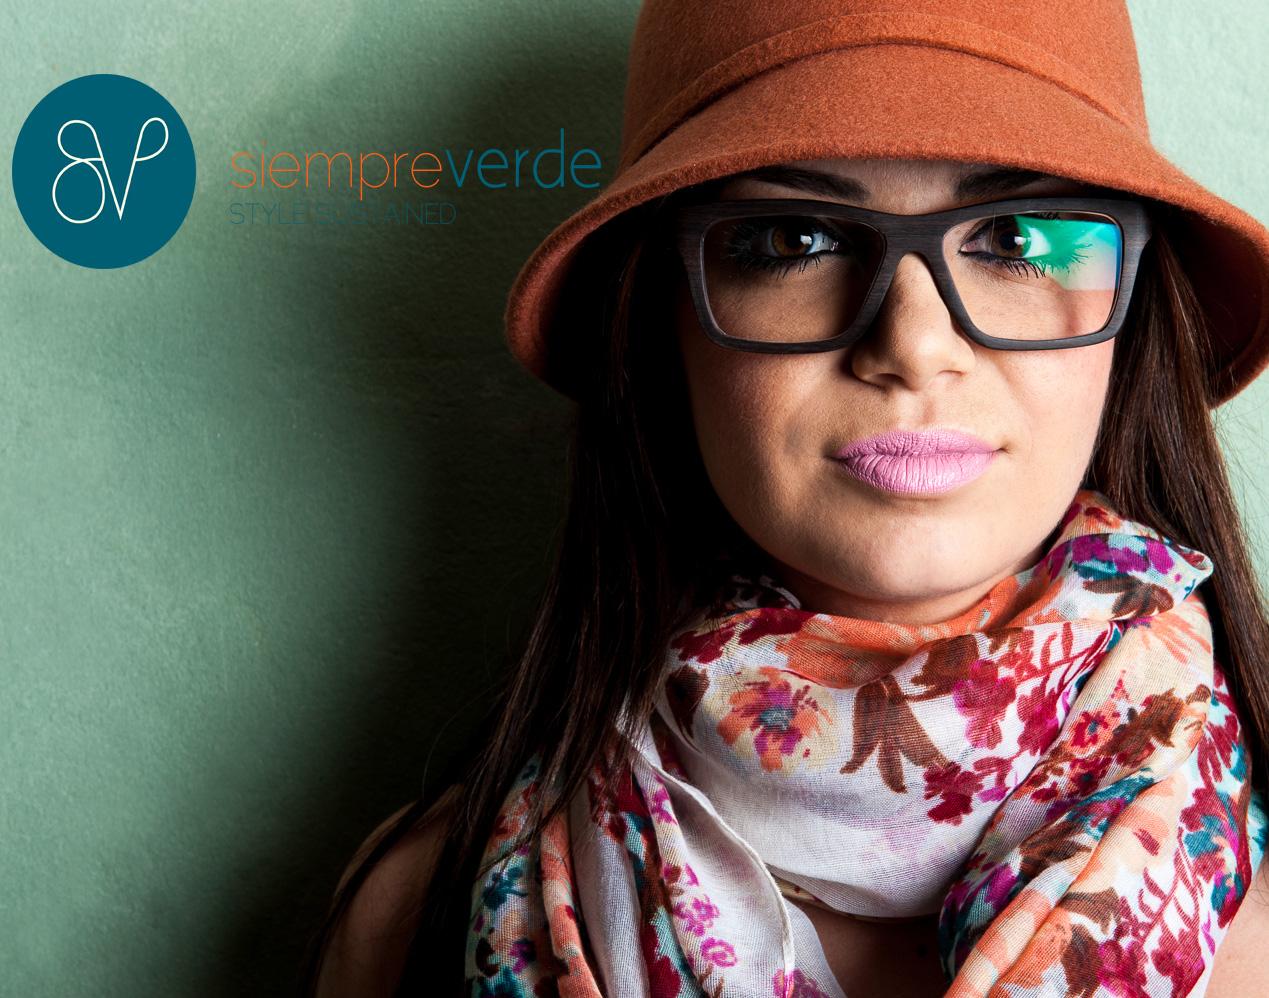 ff87d7912a5 Siempre Verde Launches an All Wood Optical Eyewear Line